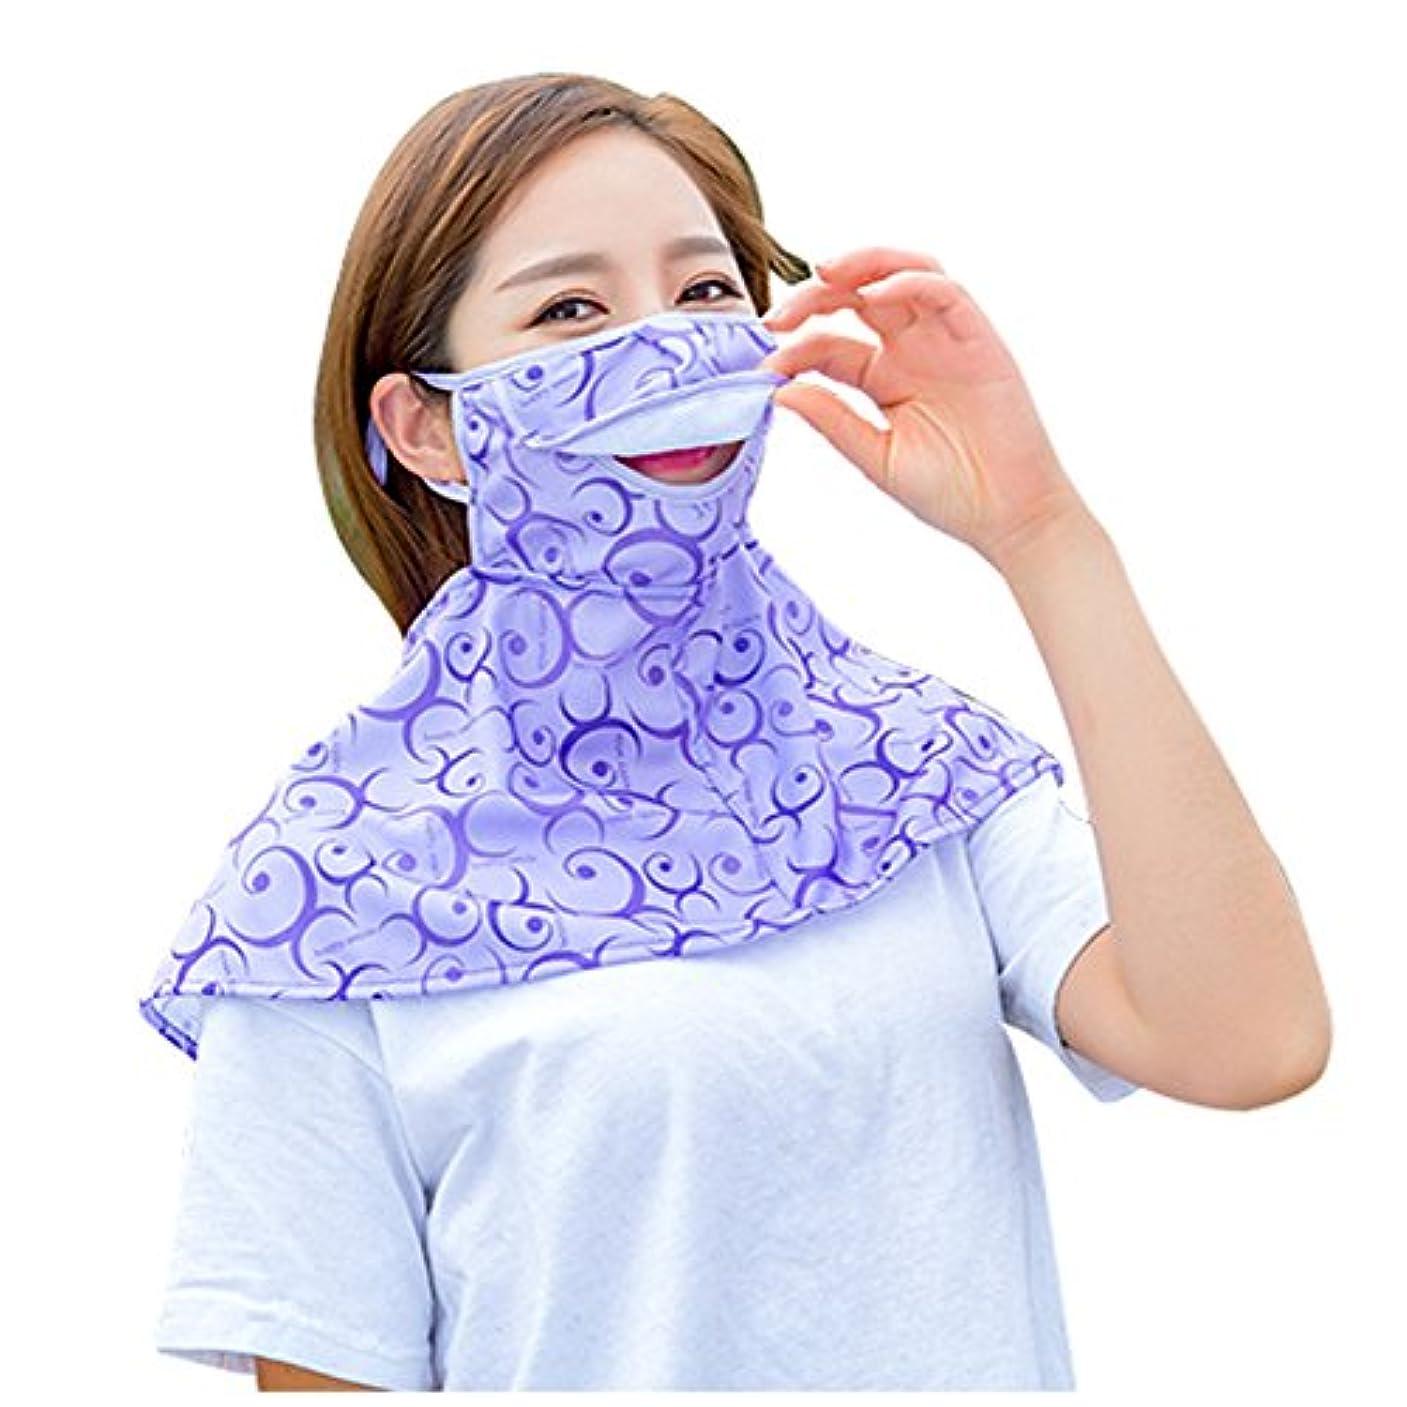 昼食寄付する協同PureNicot 日焼け防止 フェイスマスク UVカット 紫外線対策 農作業 ガーデニング レディース 首もともガード 3D UVマスク (パープル 模様)